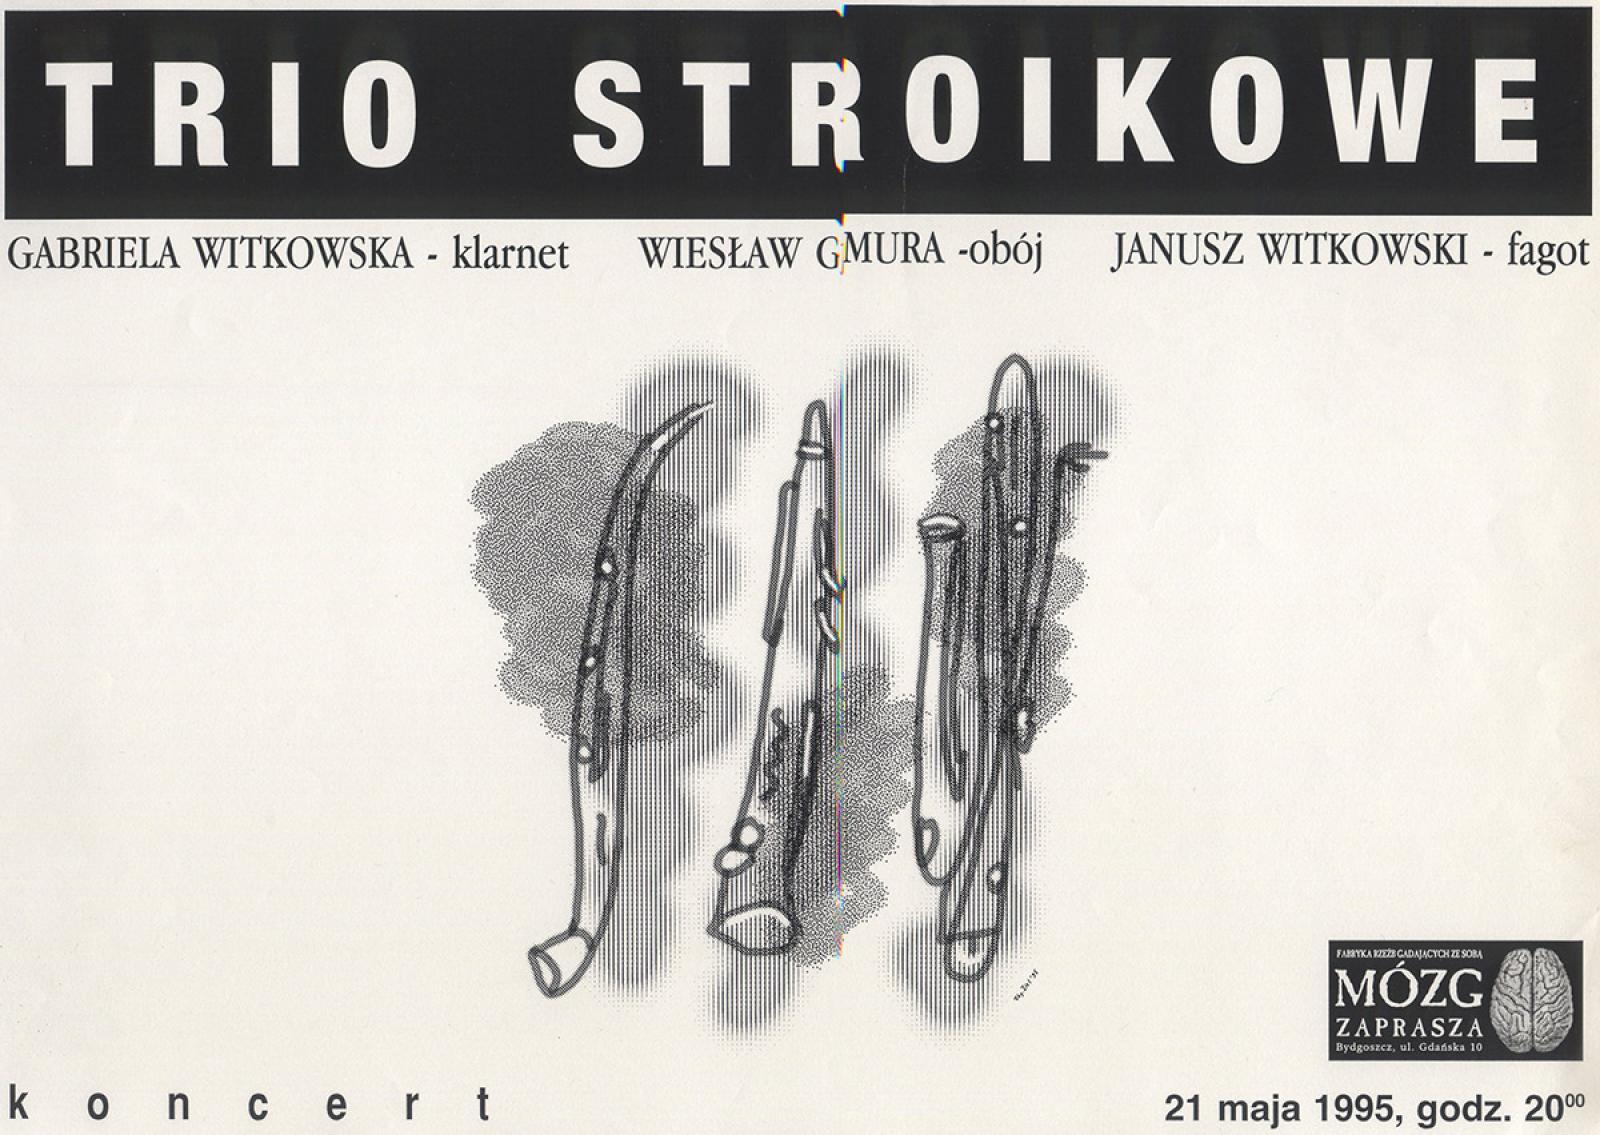 Trio stroikowe: Gabriela Witkowska / Wiesław Gmura / Janusz Witkowski